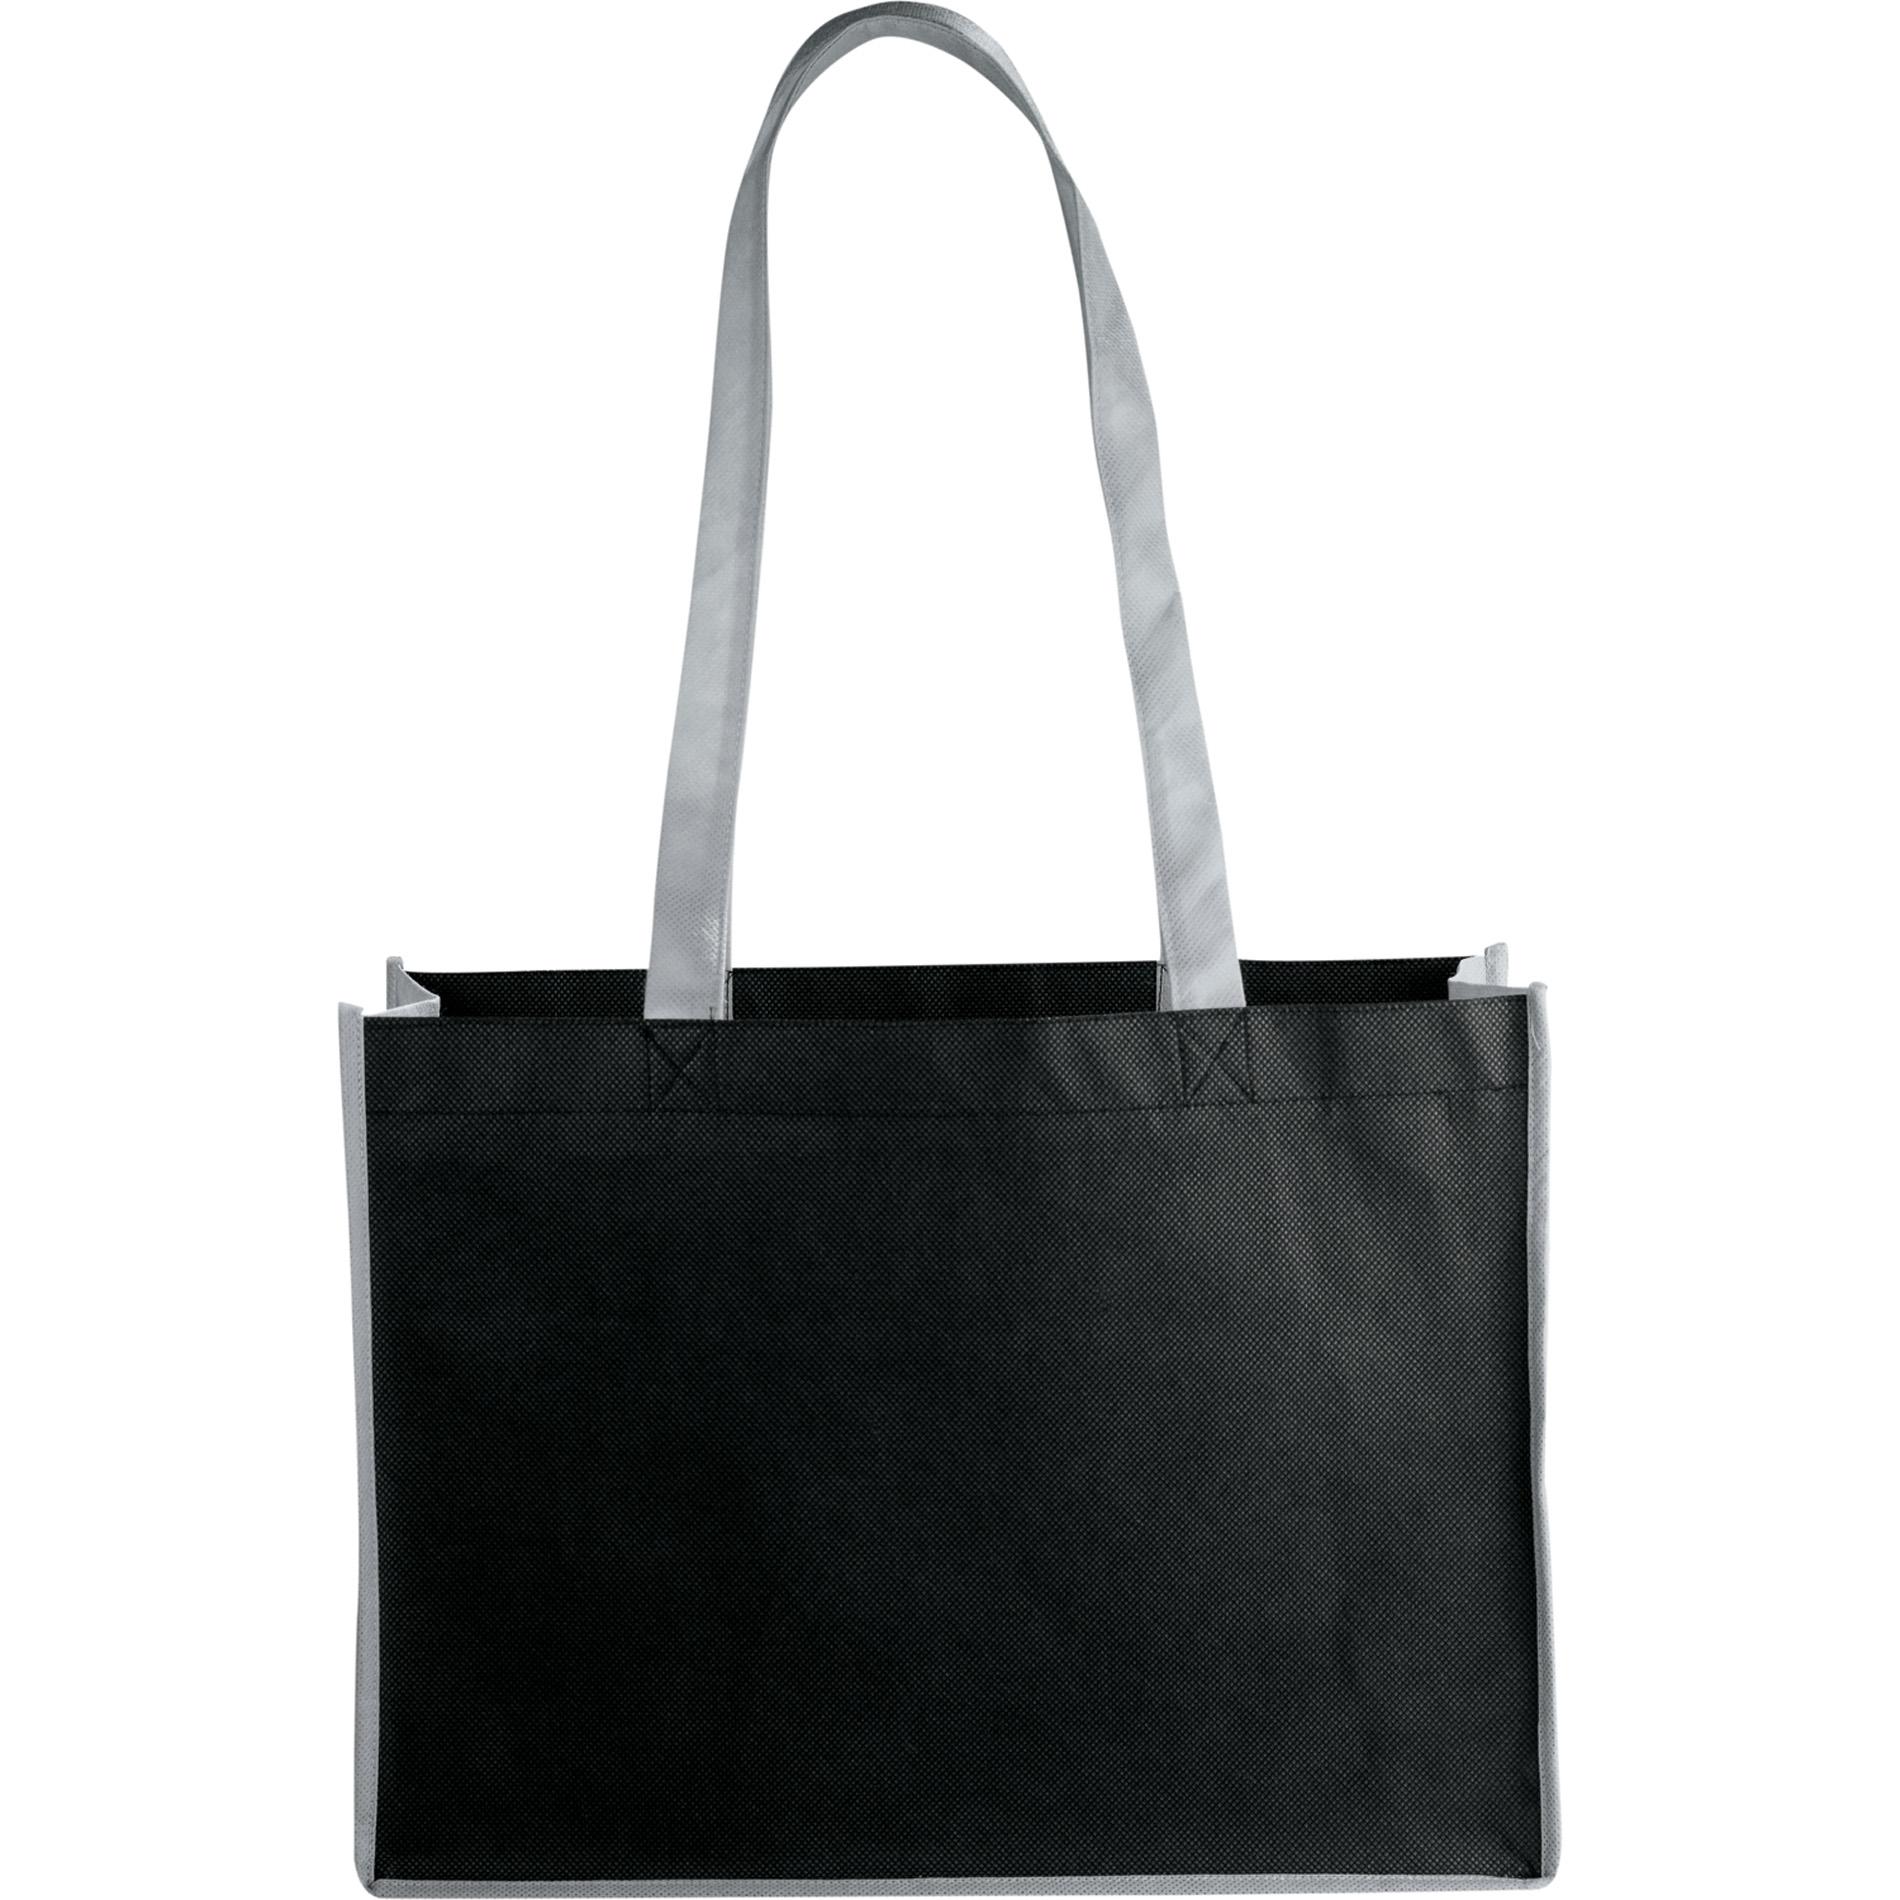 LEEDS 2150-42 - Non-Woven Small Shopper Tote